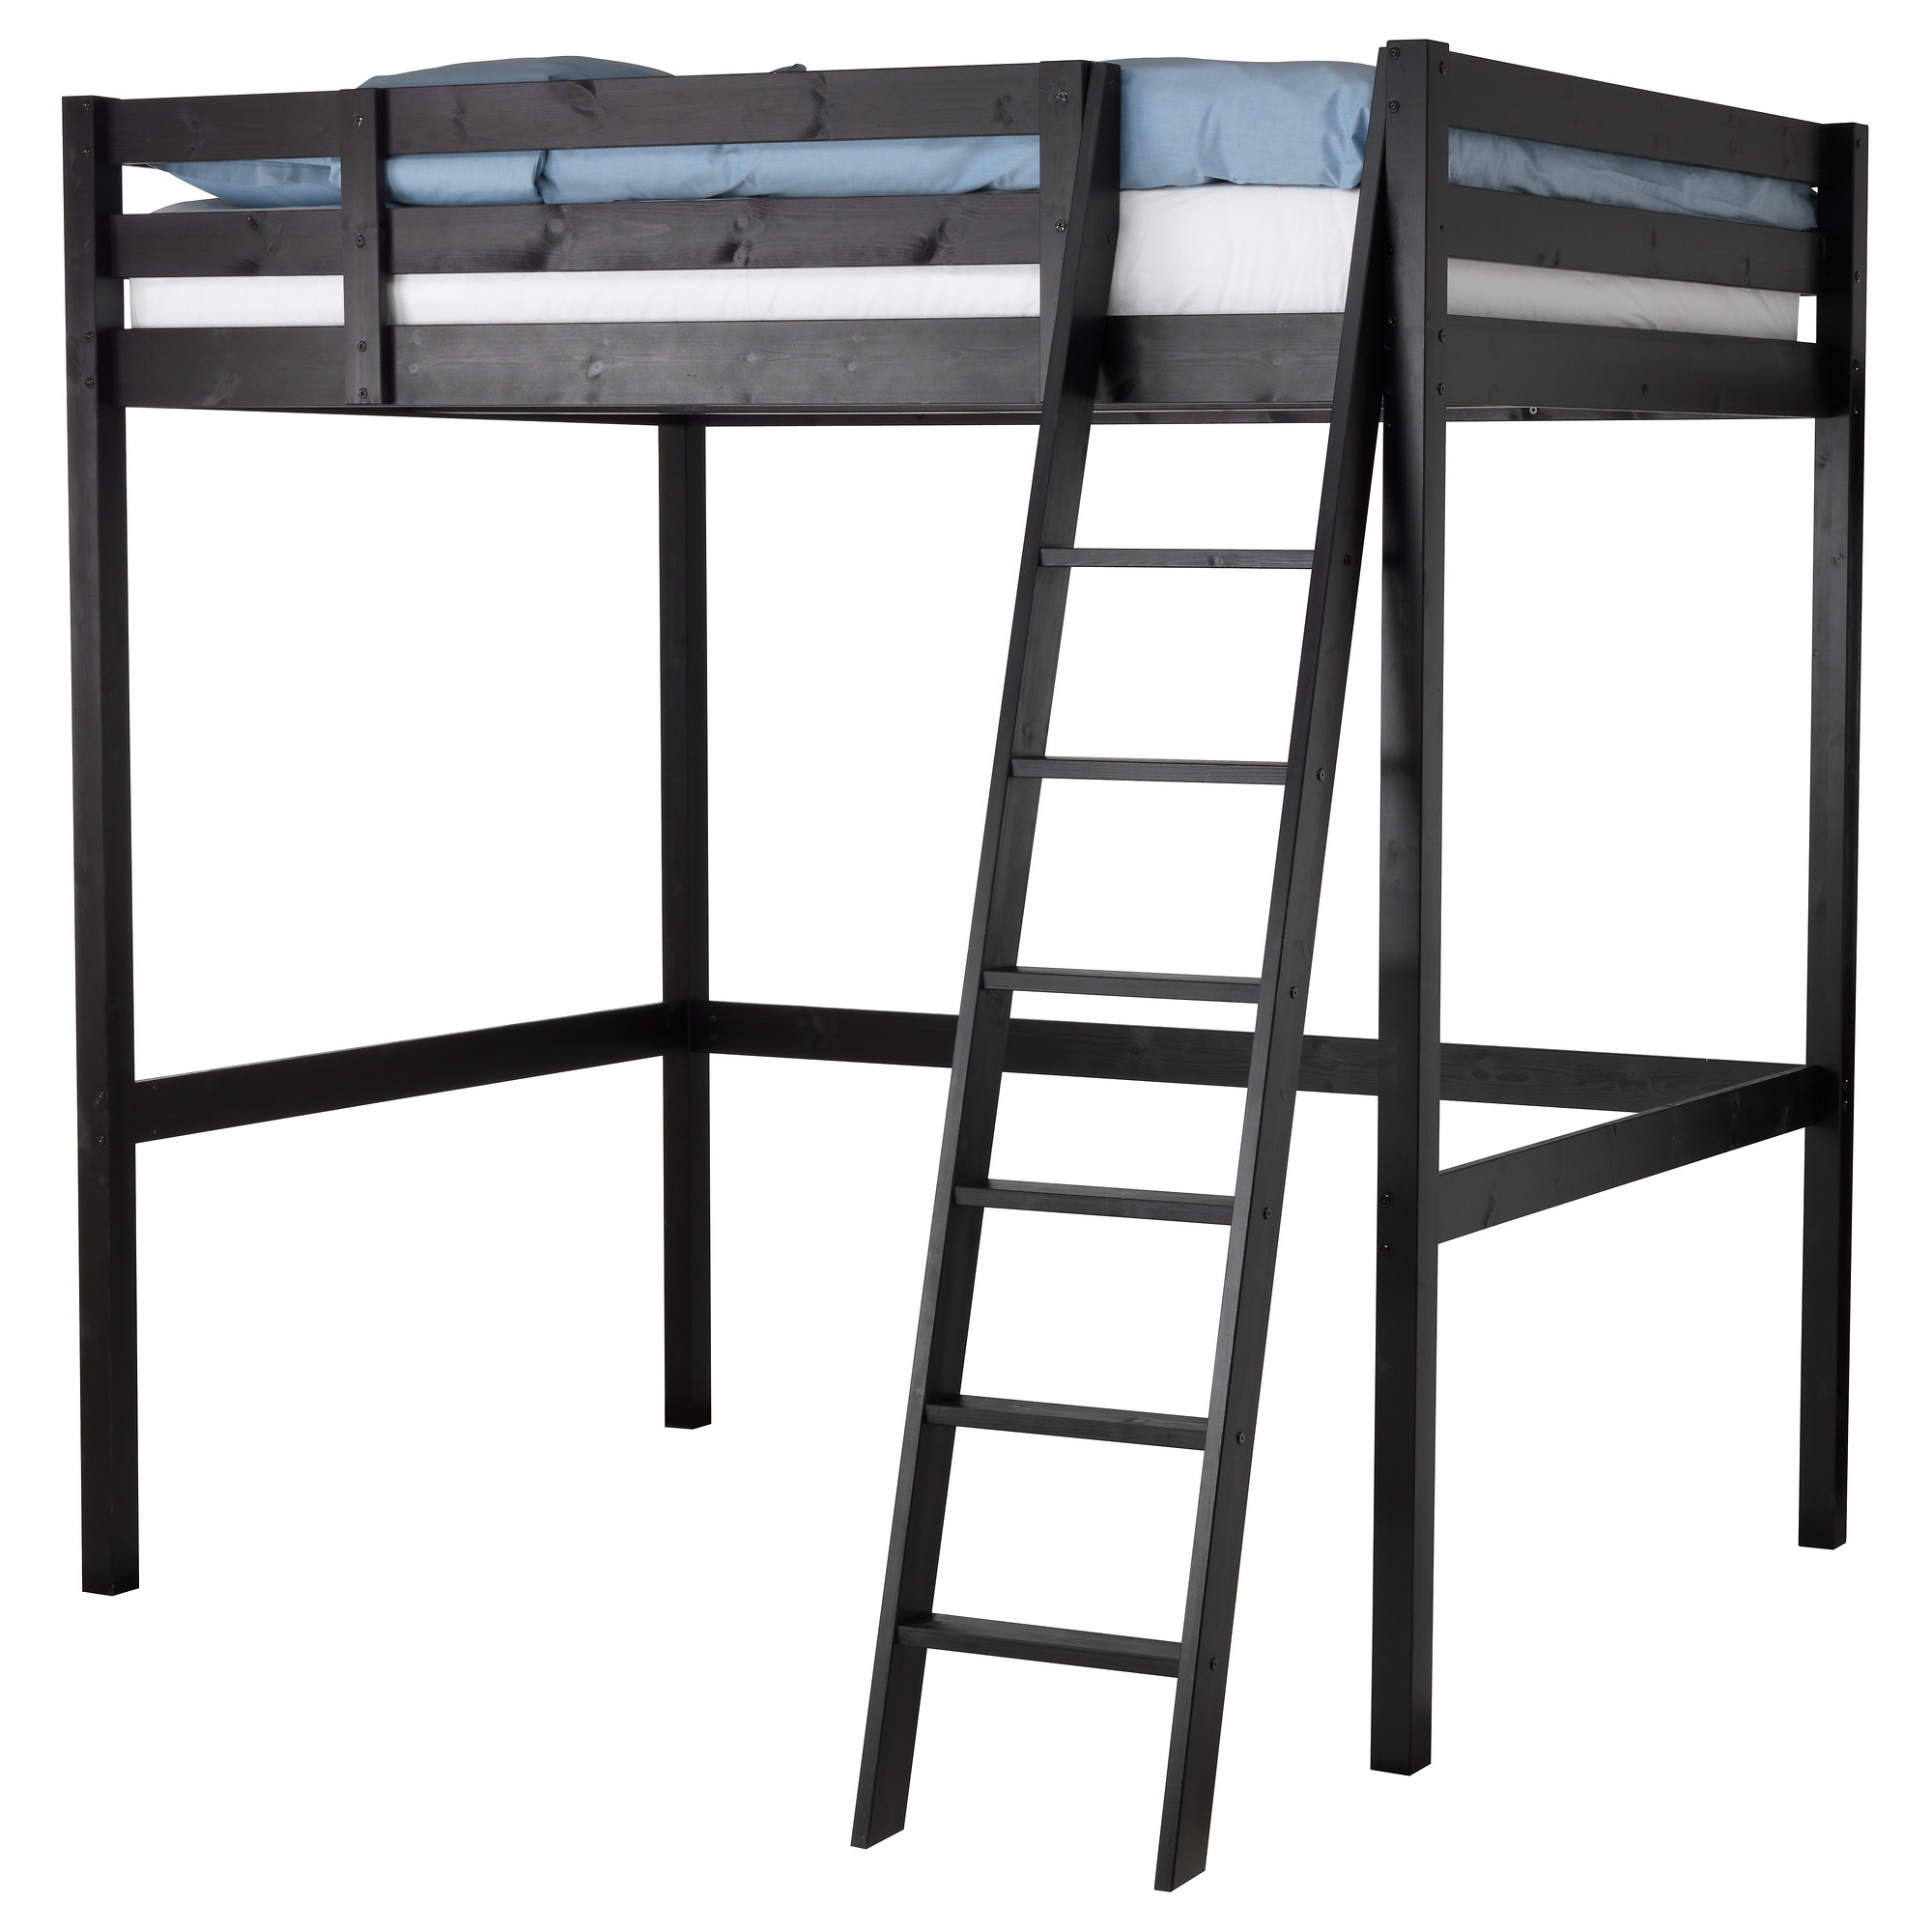 Stor estructura cama alta for Estructura de cama alta ikea